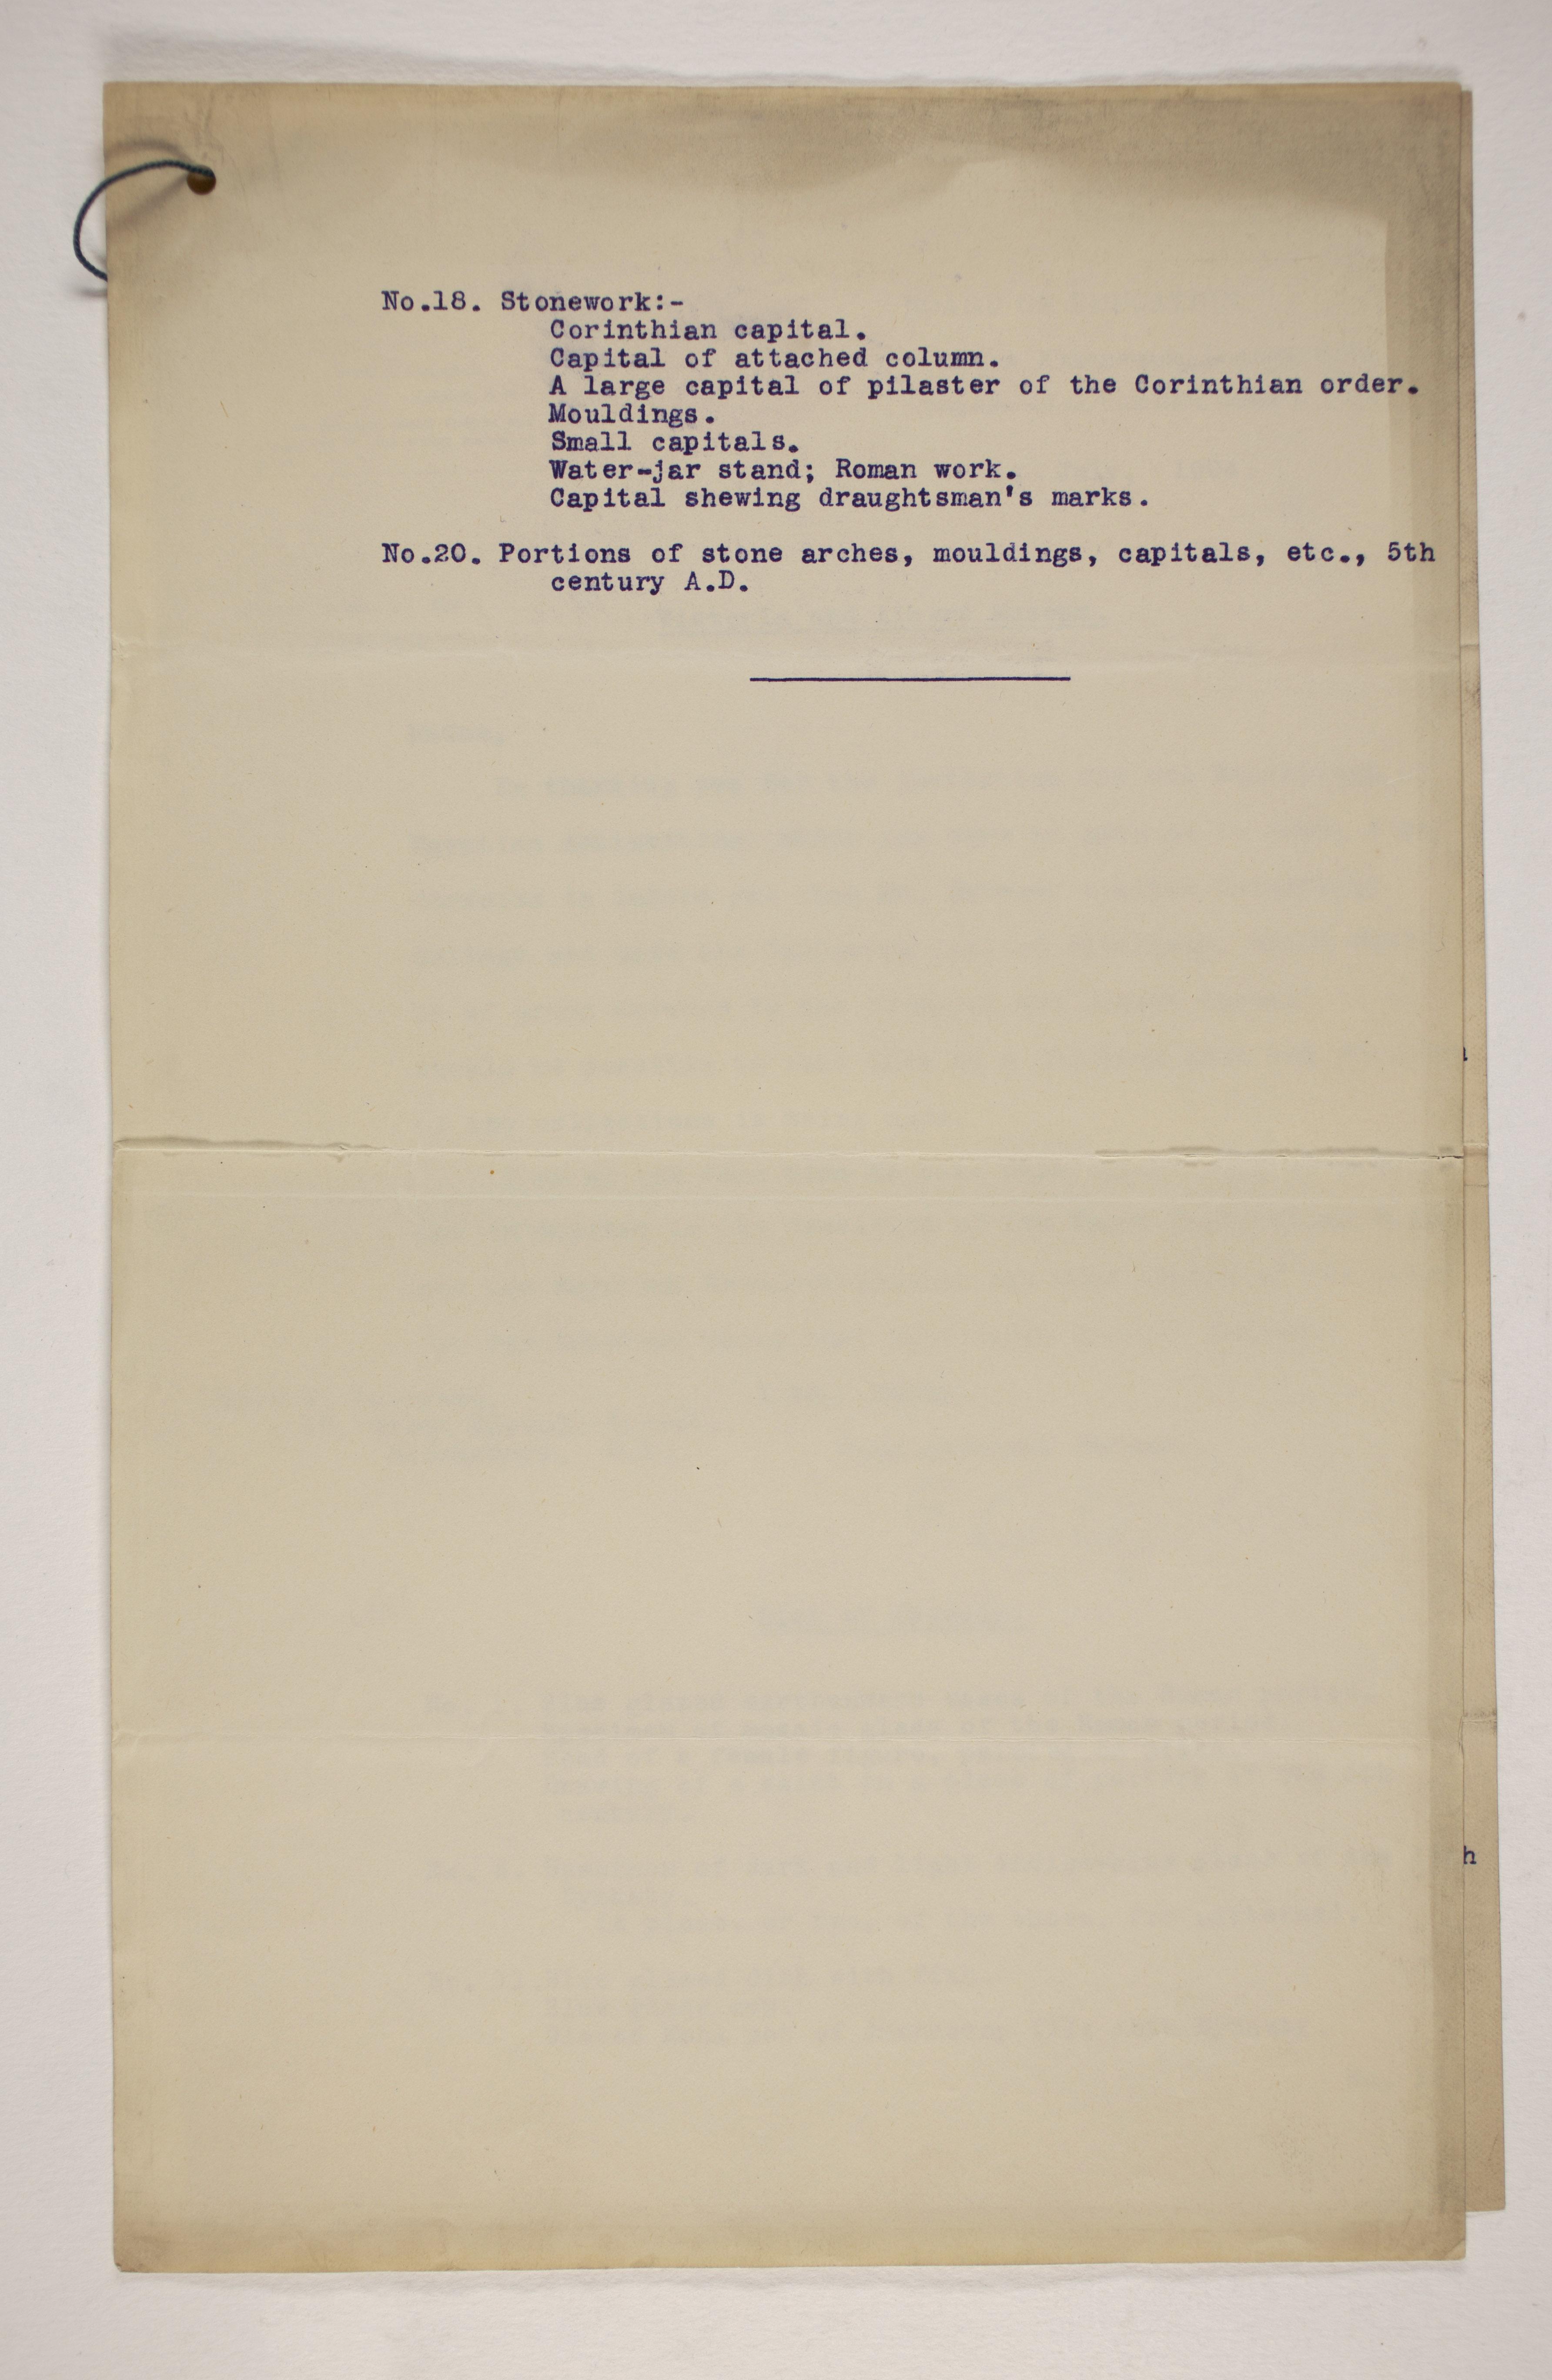 1903-04 Abydos, Ihnasya, Tell el-Fara'in, Saqqara, Gurob, Deir el-Bahri, Oxyrhynchus Correspondence PMA/WFP1/D/12/7.2